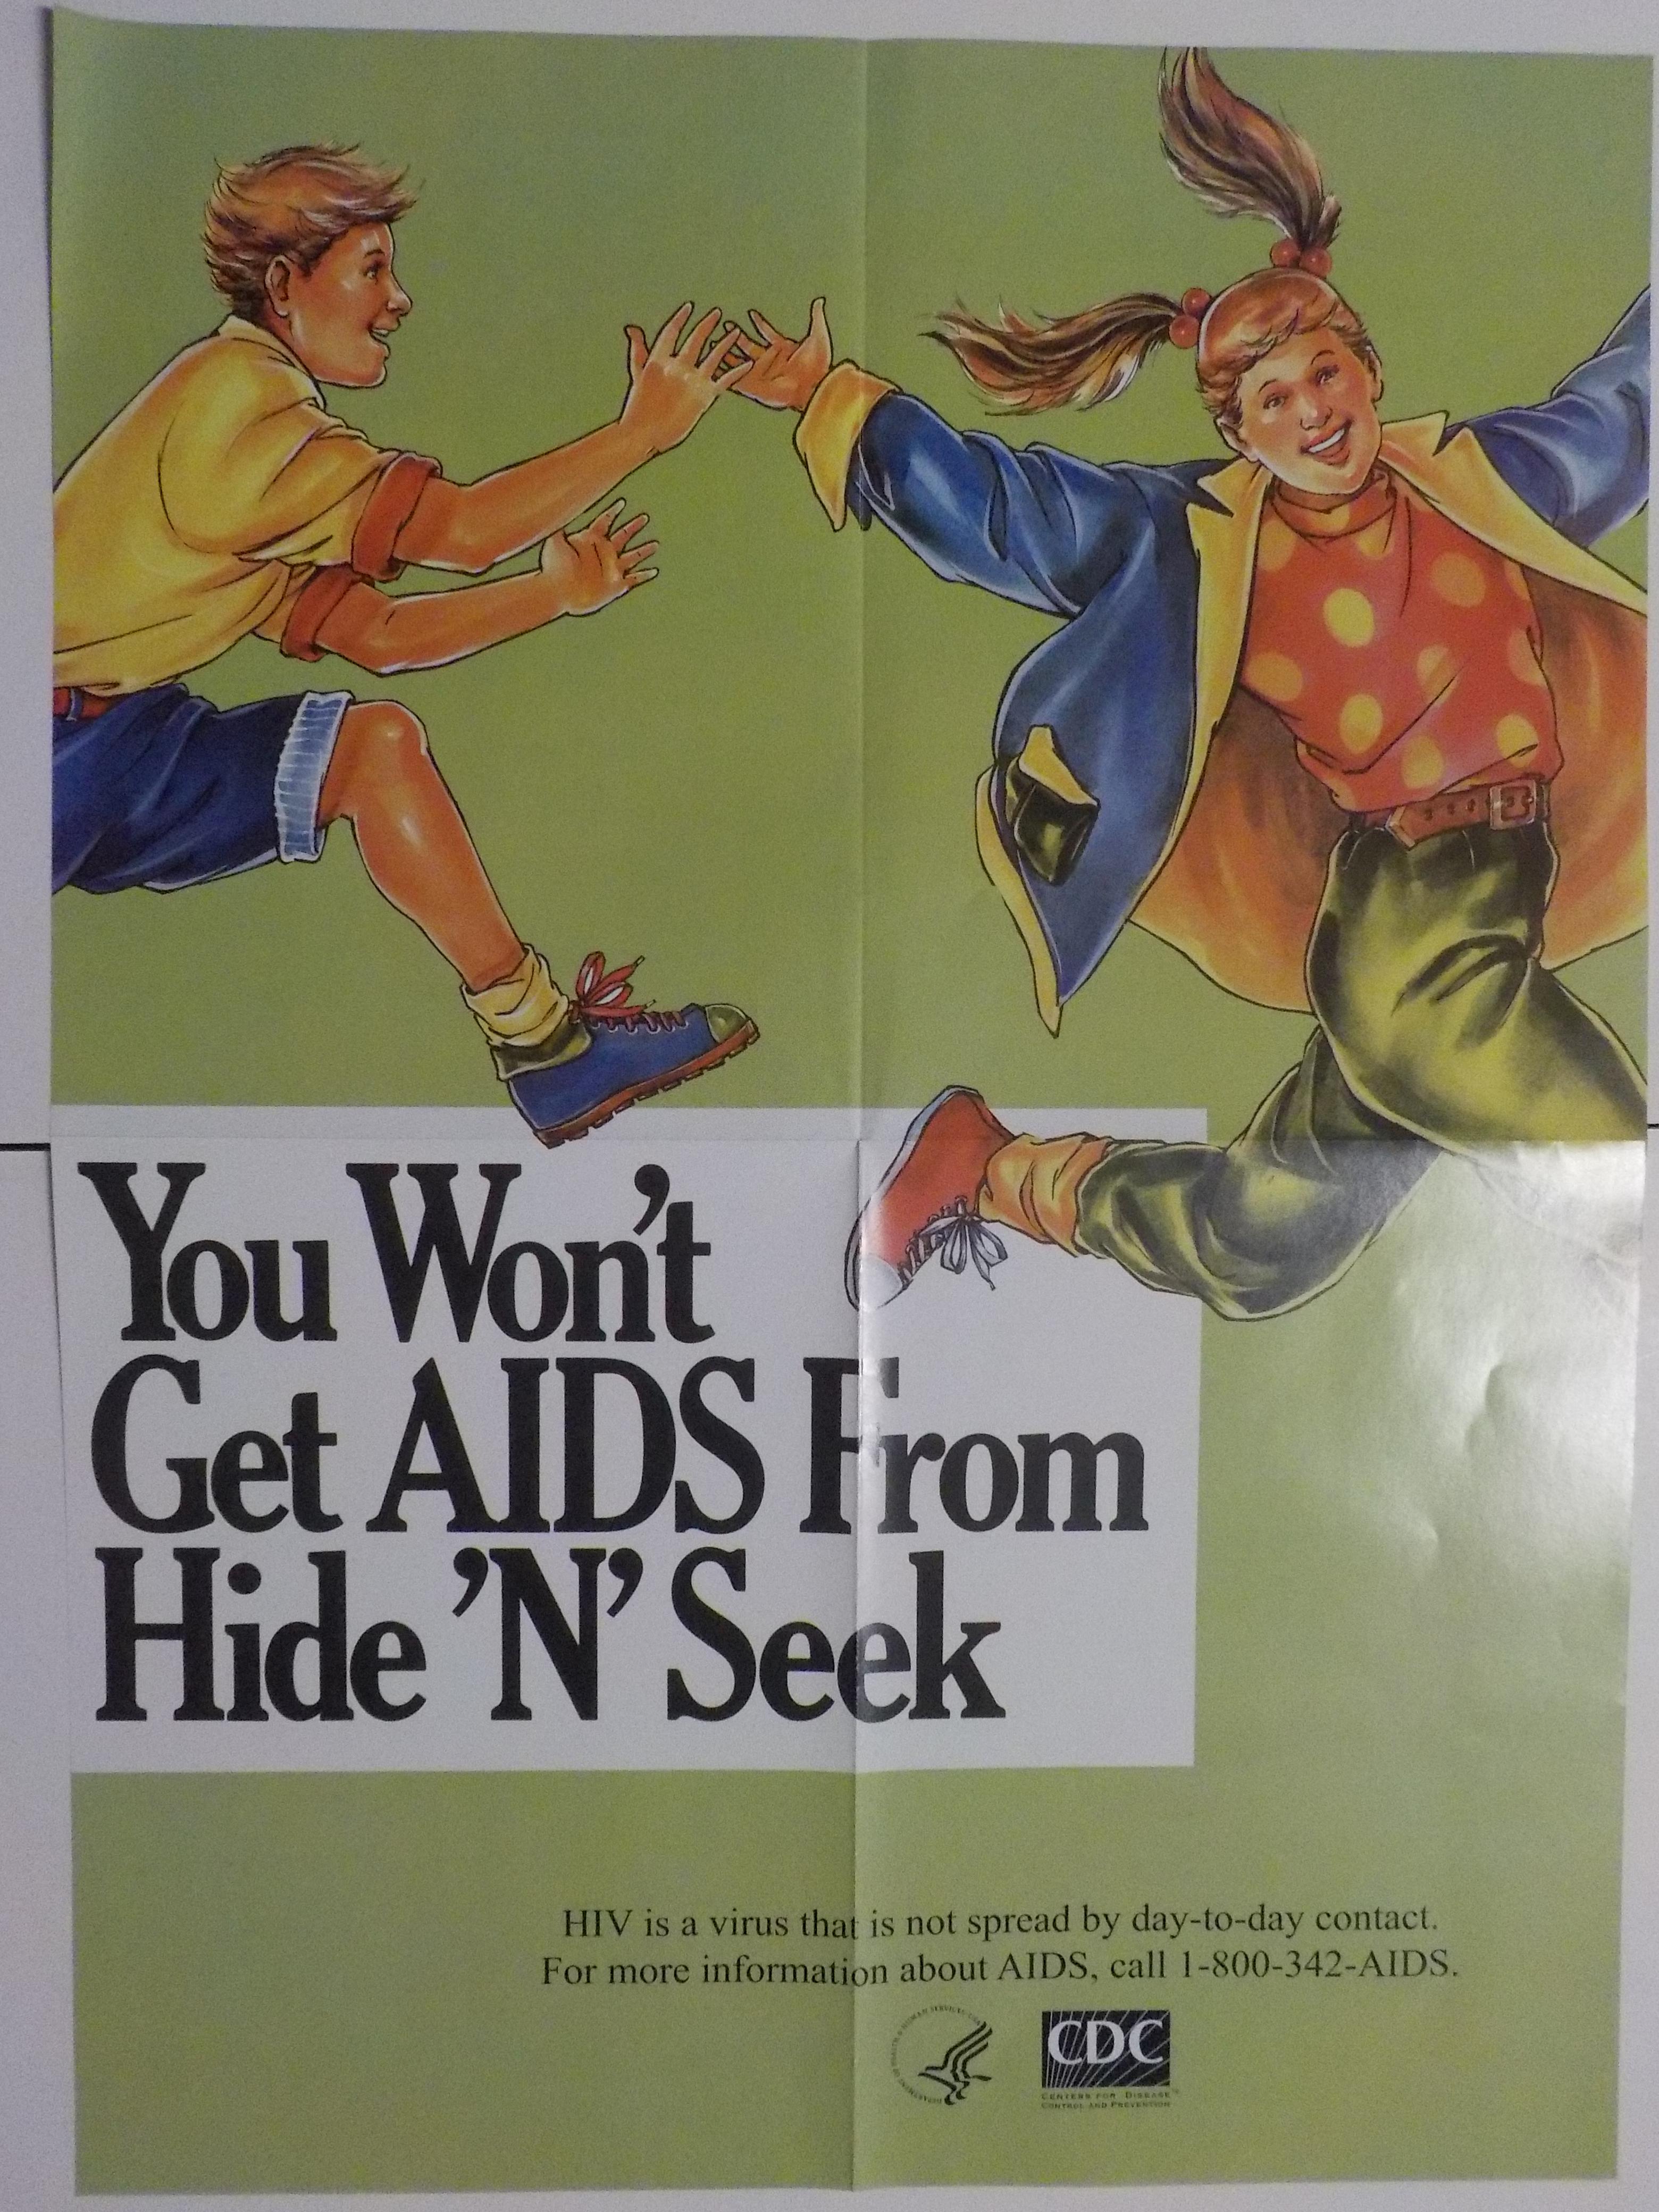 You won't get AIDS from hide 'n' seek